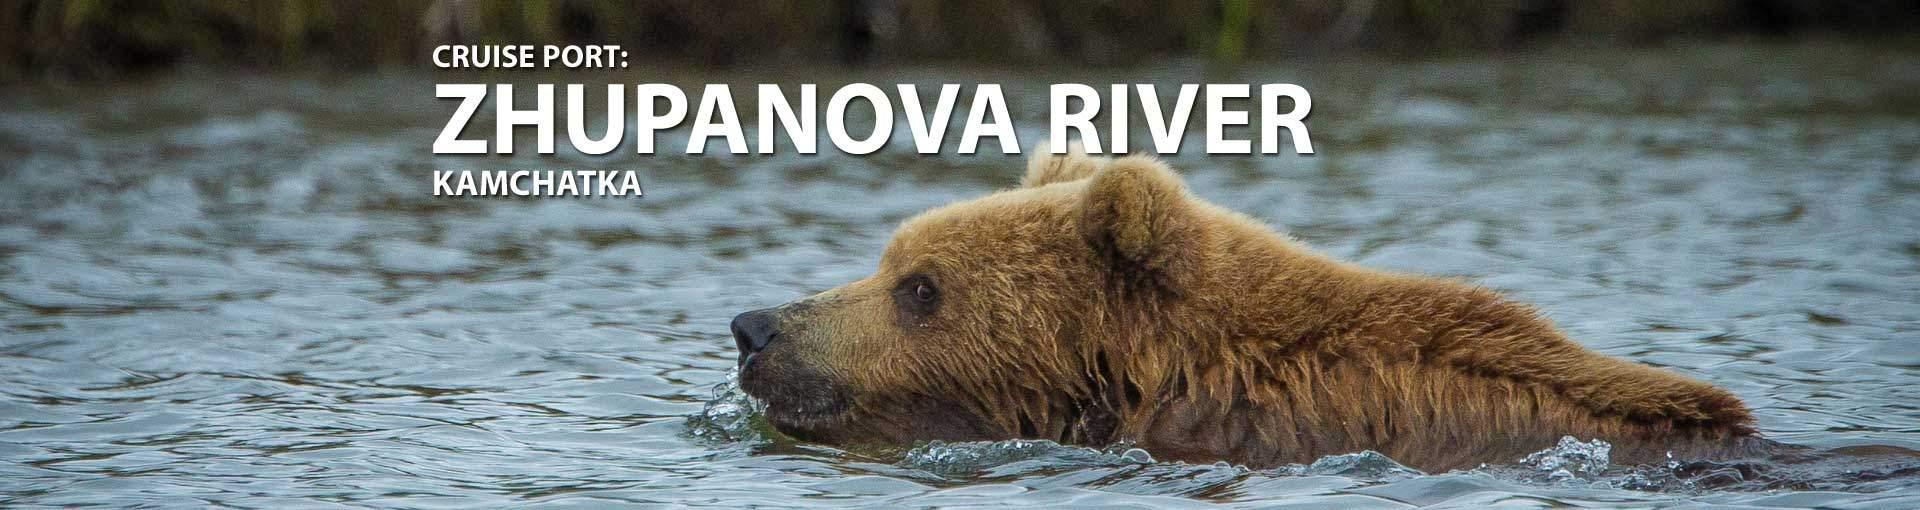 Cruises to Zhupanova River, Kamchatka